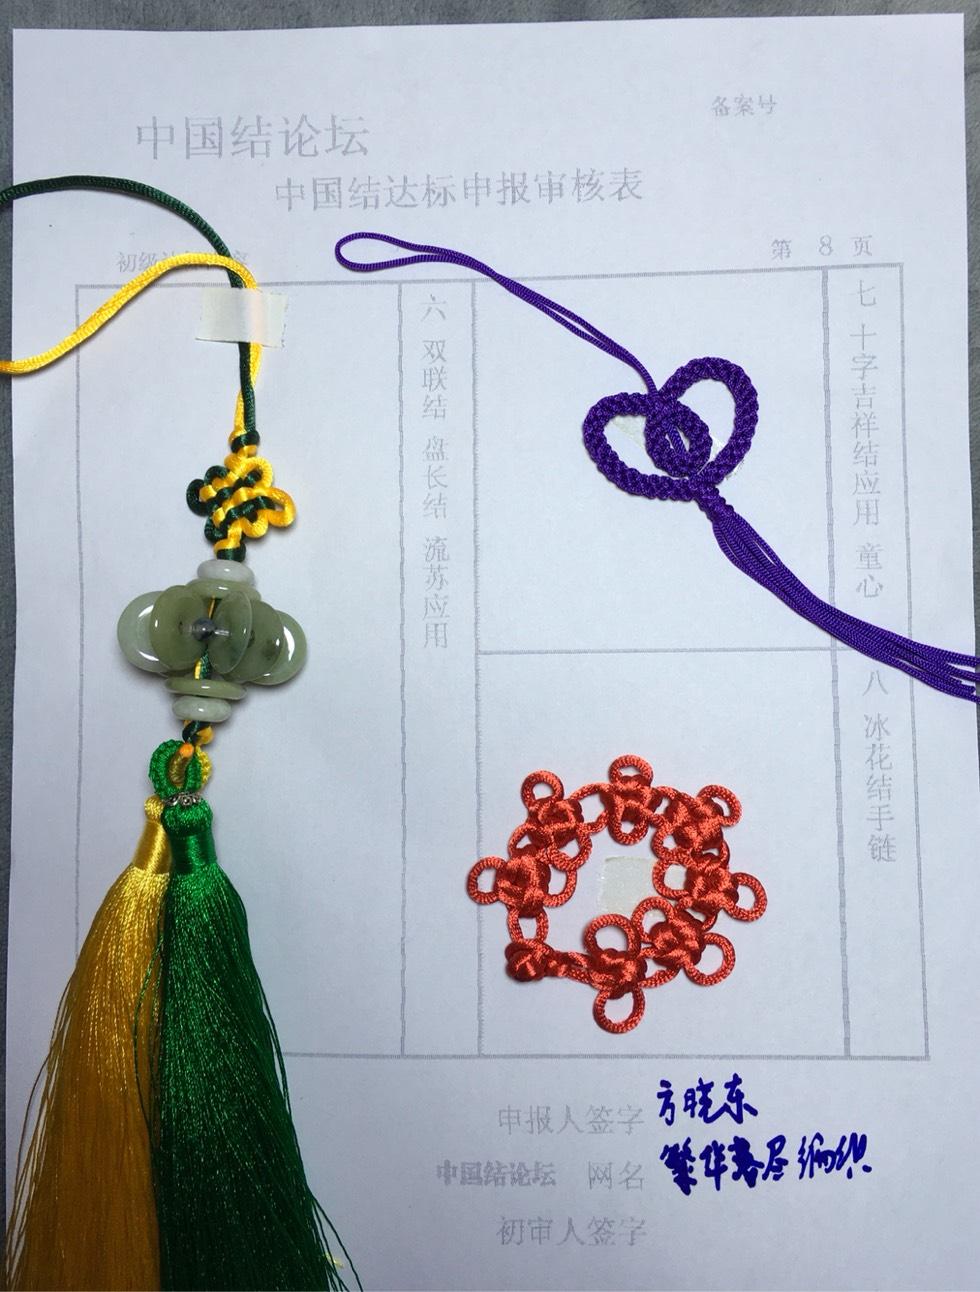 中国结论坛 繁华落尽编织初级考核申请  中国绳结艺术分级达标审核 143431xnrw2pmm0s3s0lnp